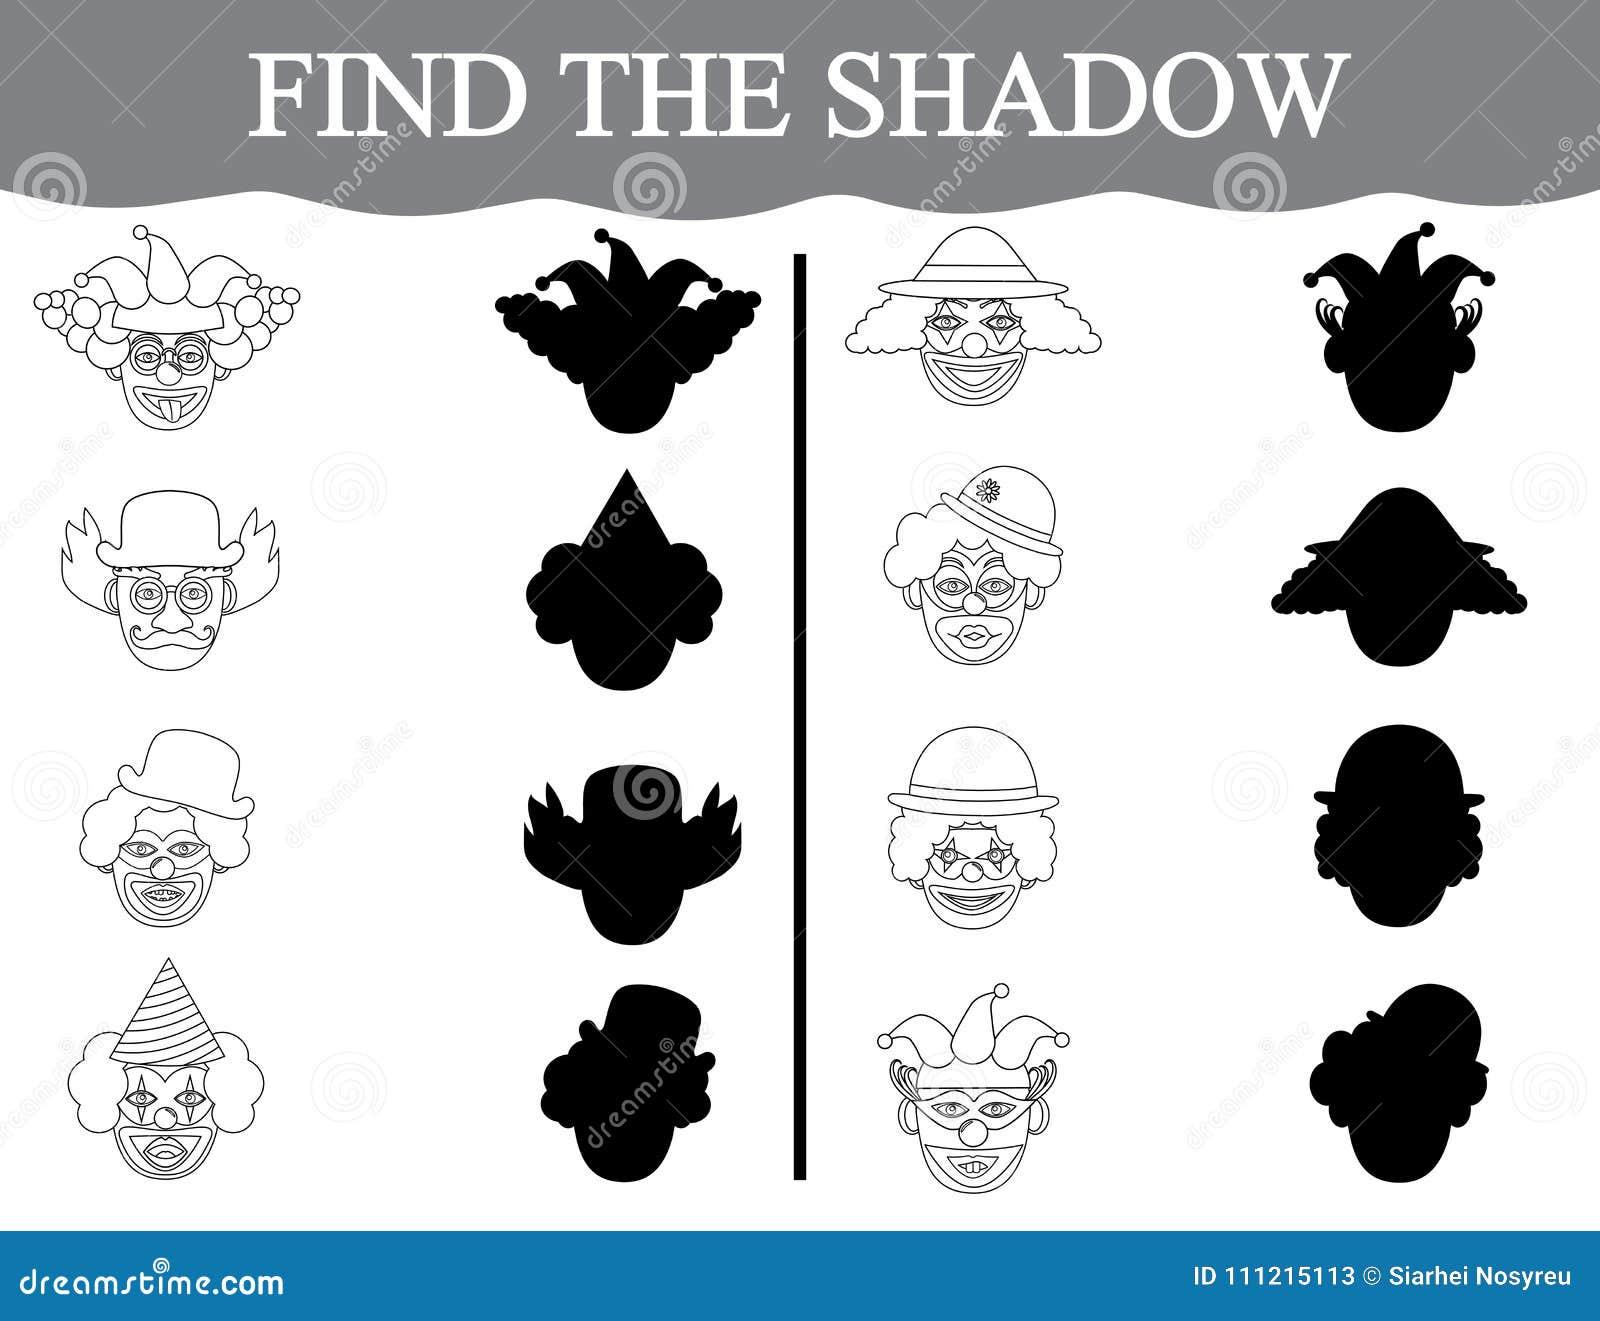 Lernspiel für Vorschulkinder Finden Sie die Schatten von clown's Gesichtern und färben Sie sie